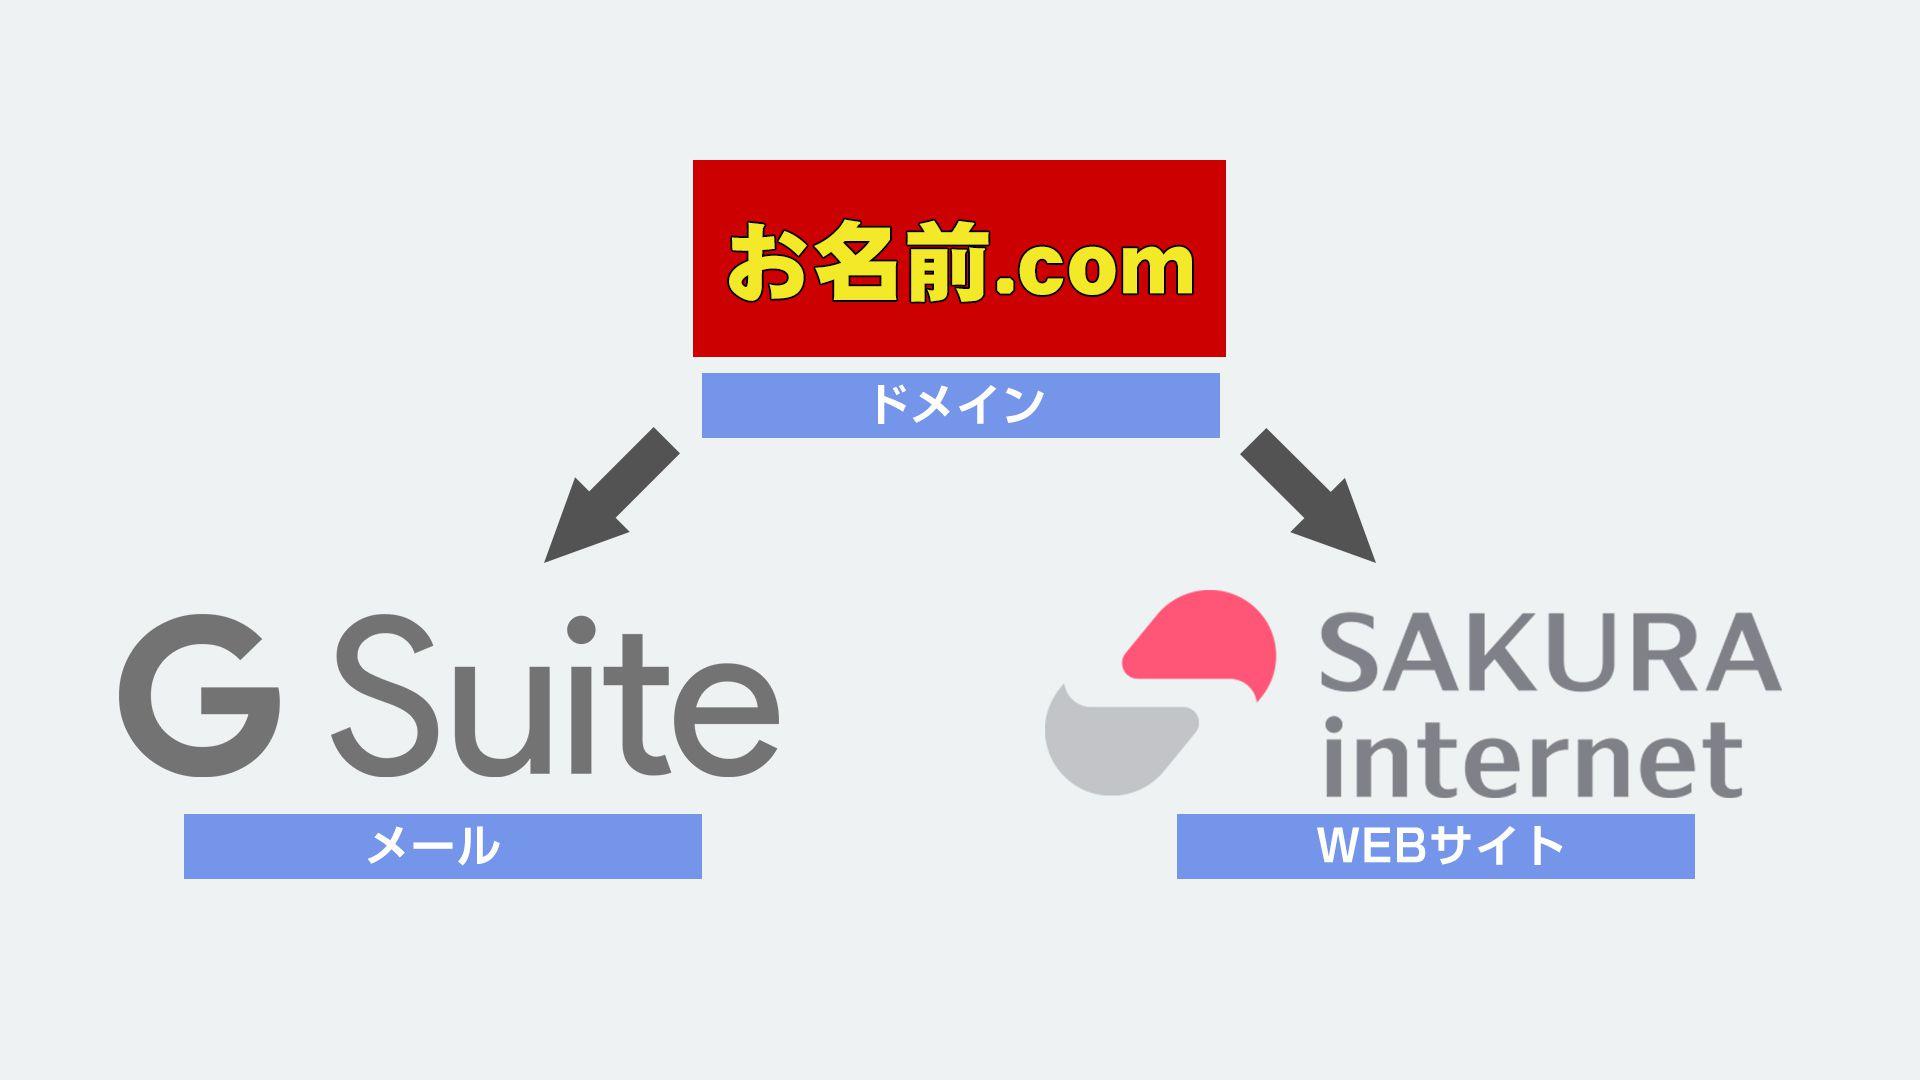 お名前.comで取得したドメインを、メールはGsuiteに、WEBサイトはサクラインターネットに向ける方法。